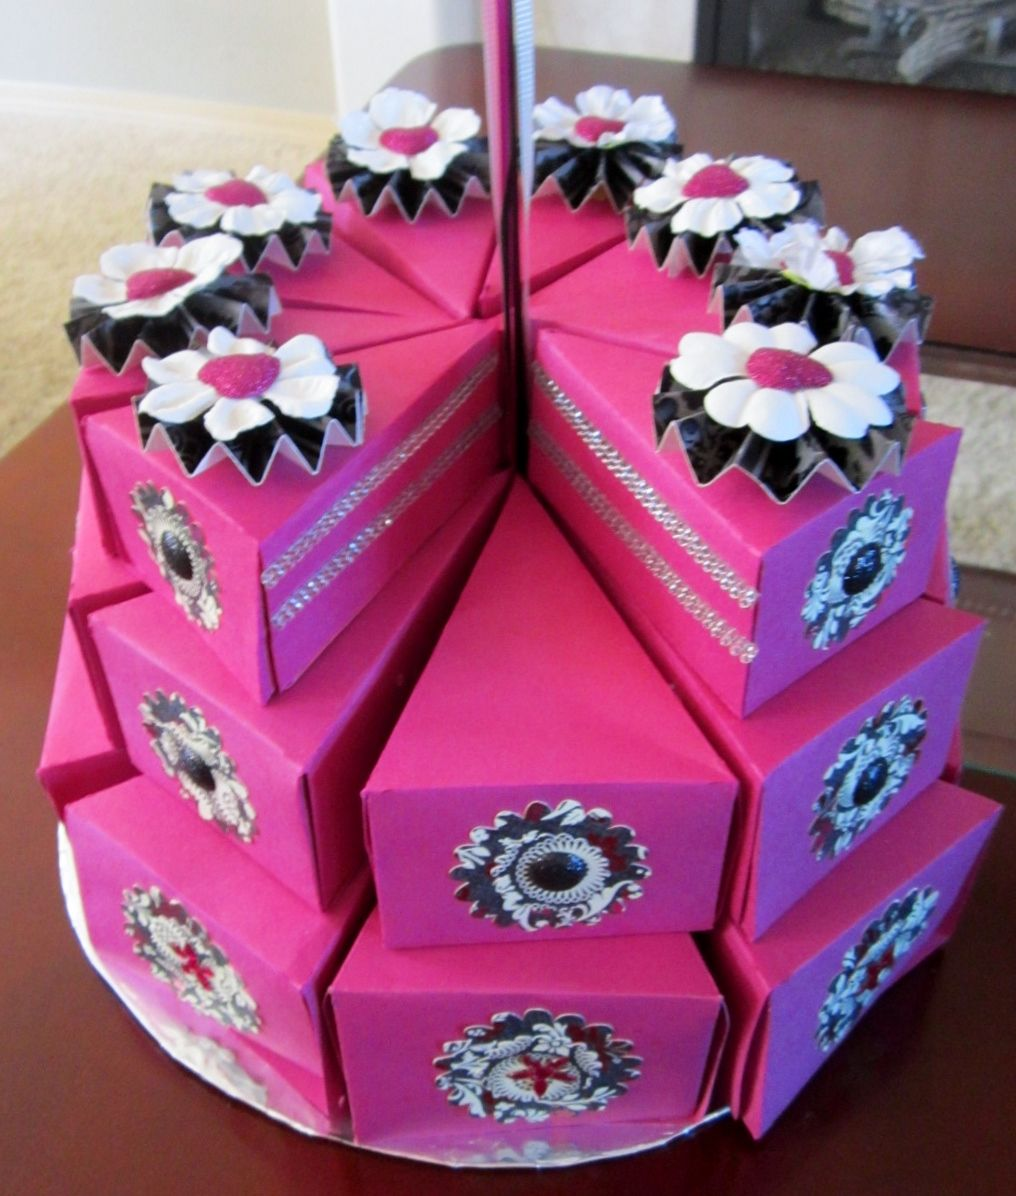 Paper Cake cakepins.com | Eetbaar | Pinterest | Paper cake, Cake ...